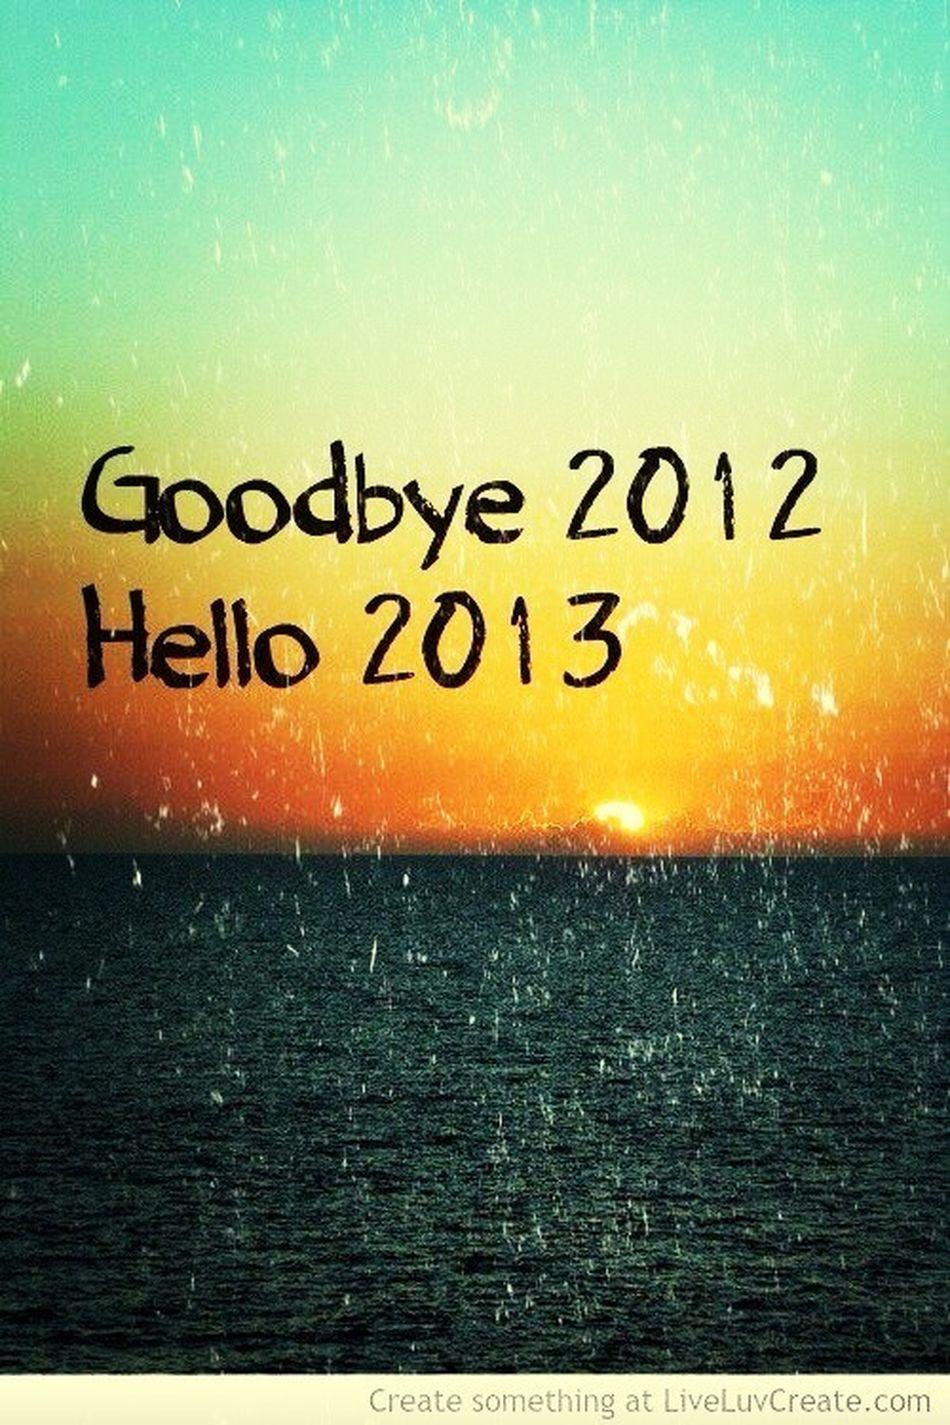 Liebes 2013, Werde Bitte Nicht So Schlimm Wie Deine Vorgänger , Dann Bin Ich Gℓ ücklich =D <3